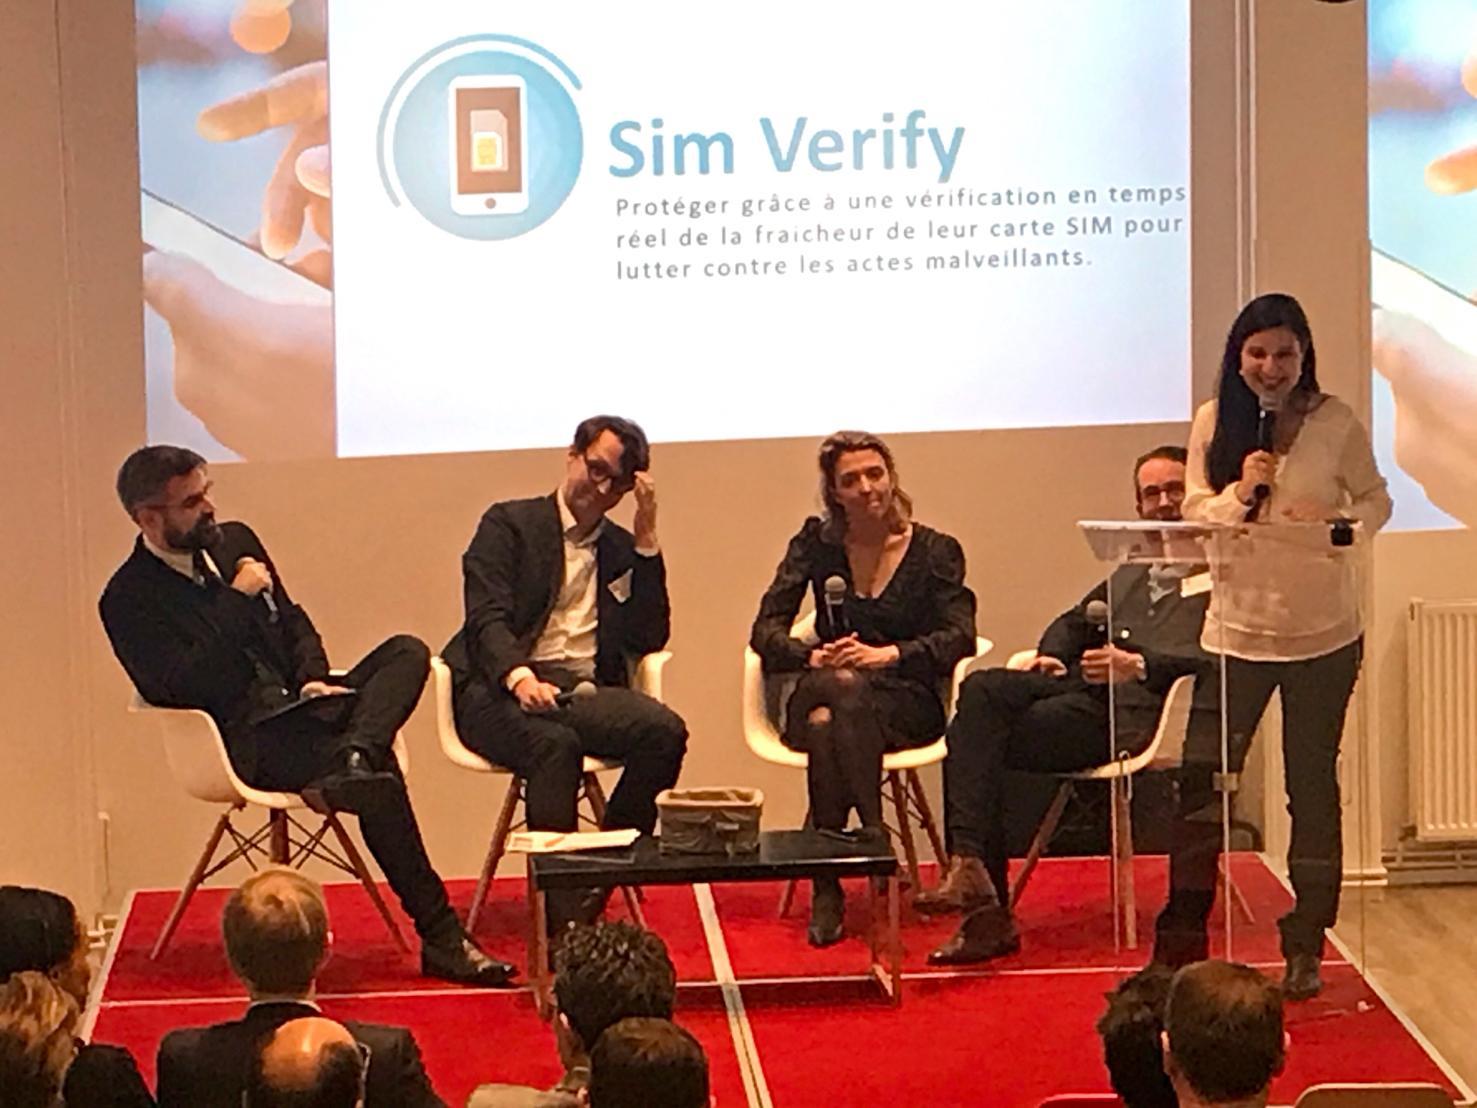 SIM Verify